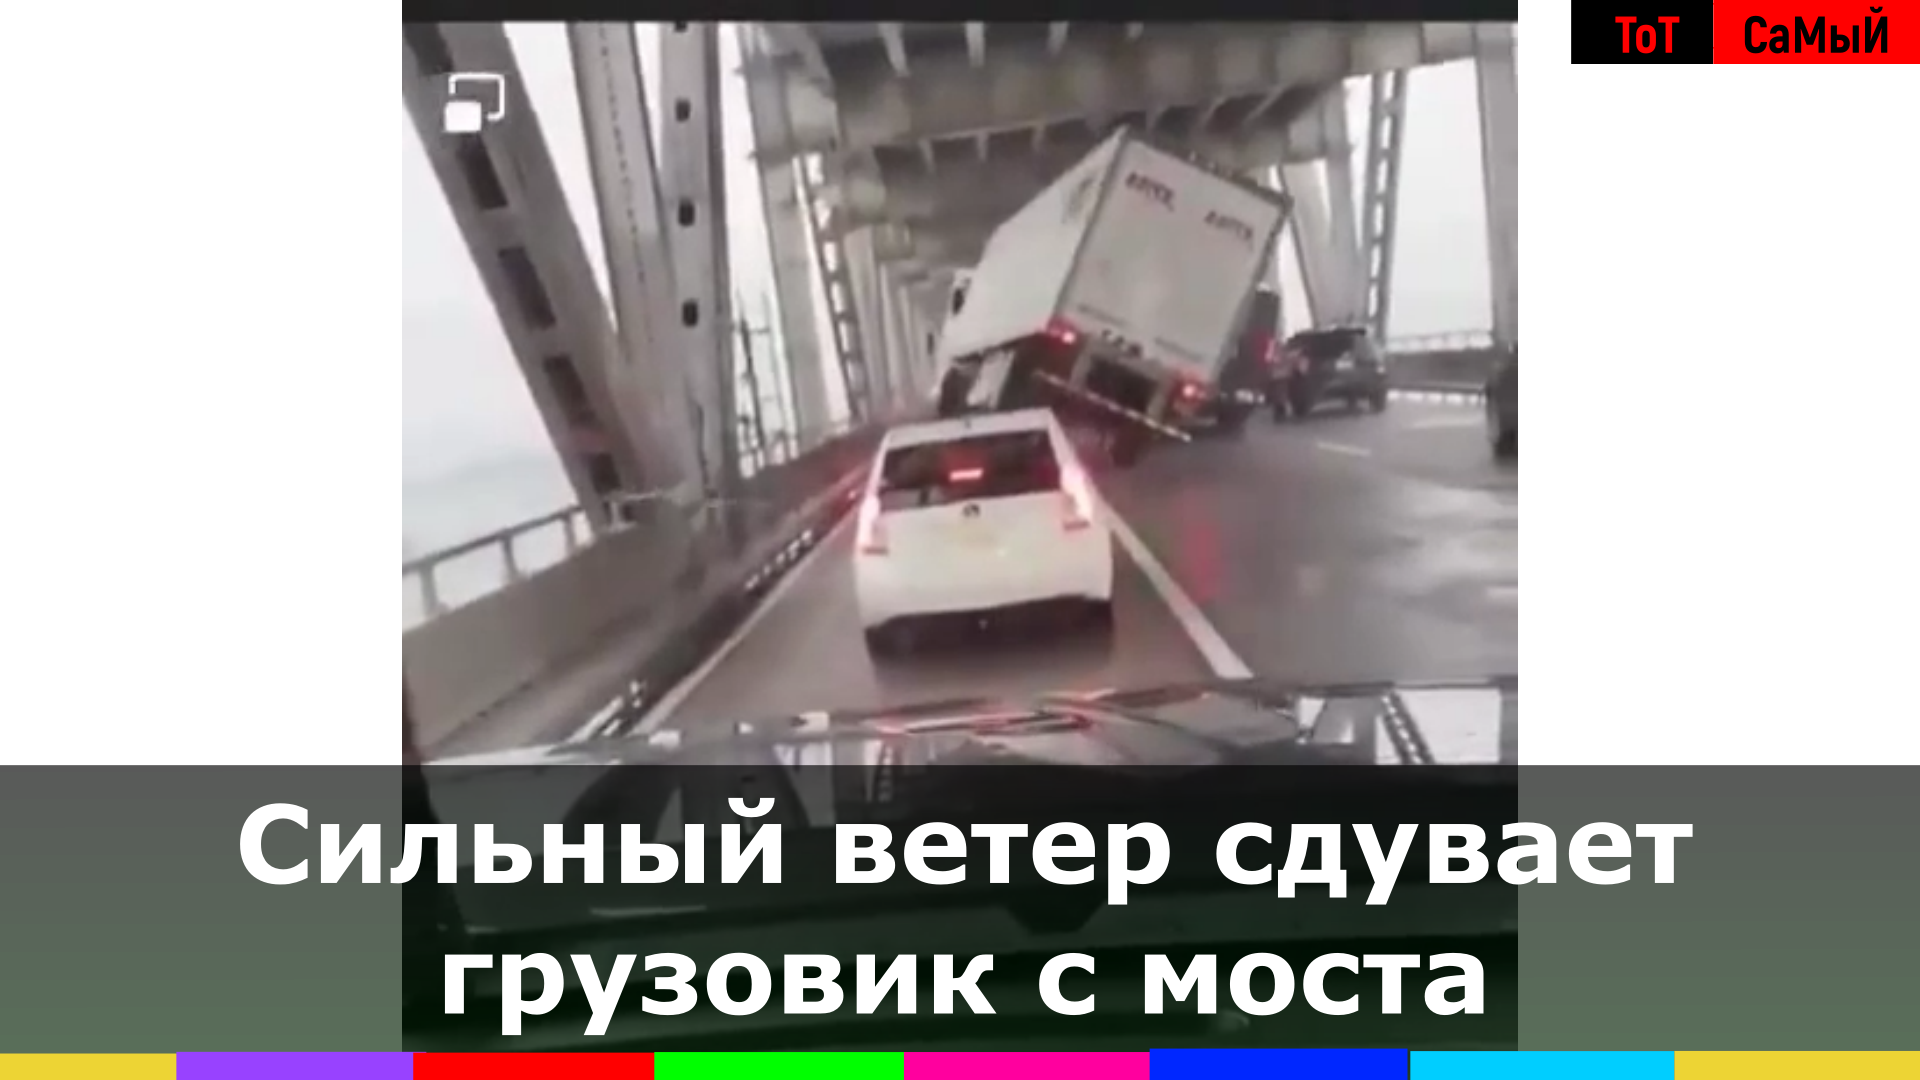 Сильный ветер чуть не сдул грузовик с моста в Сан-Франциско Калифорния,